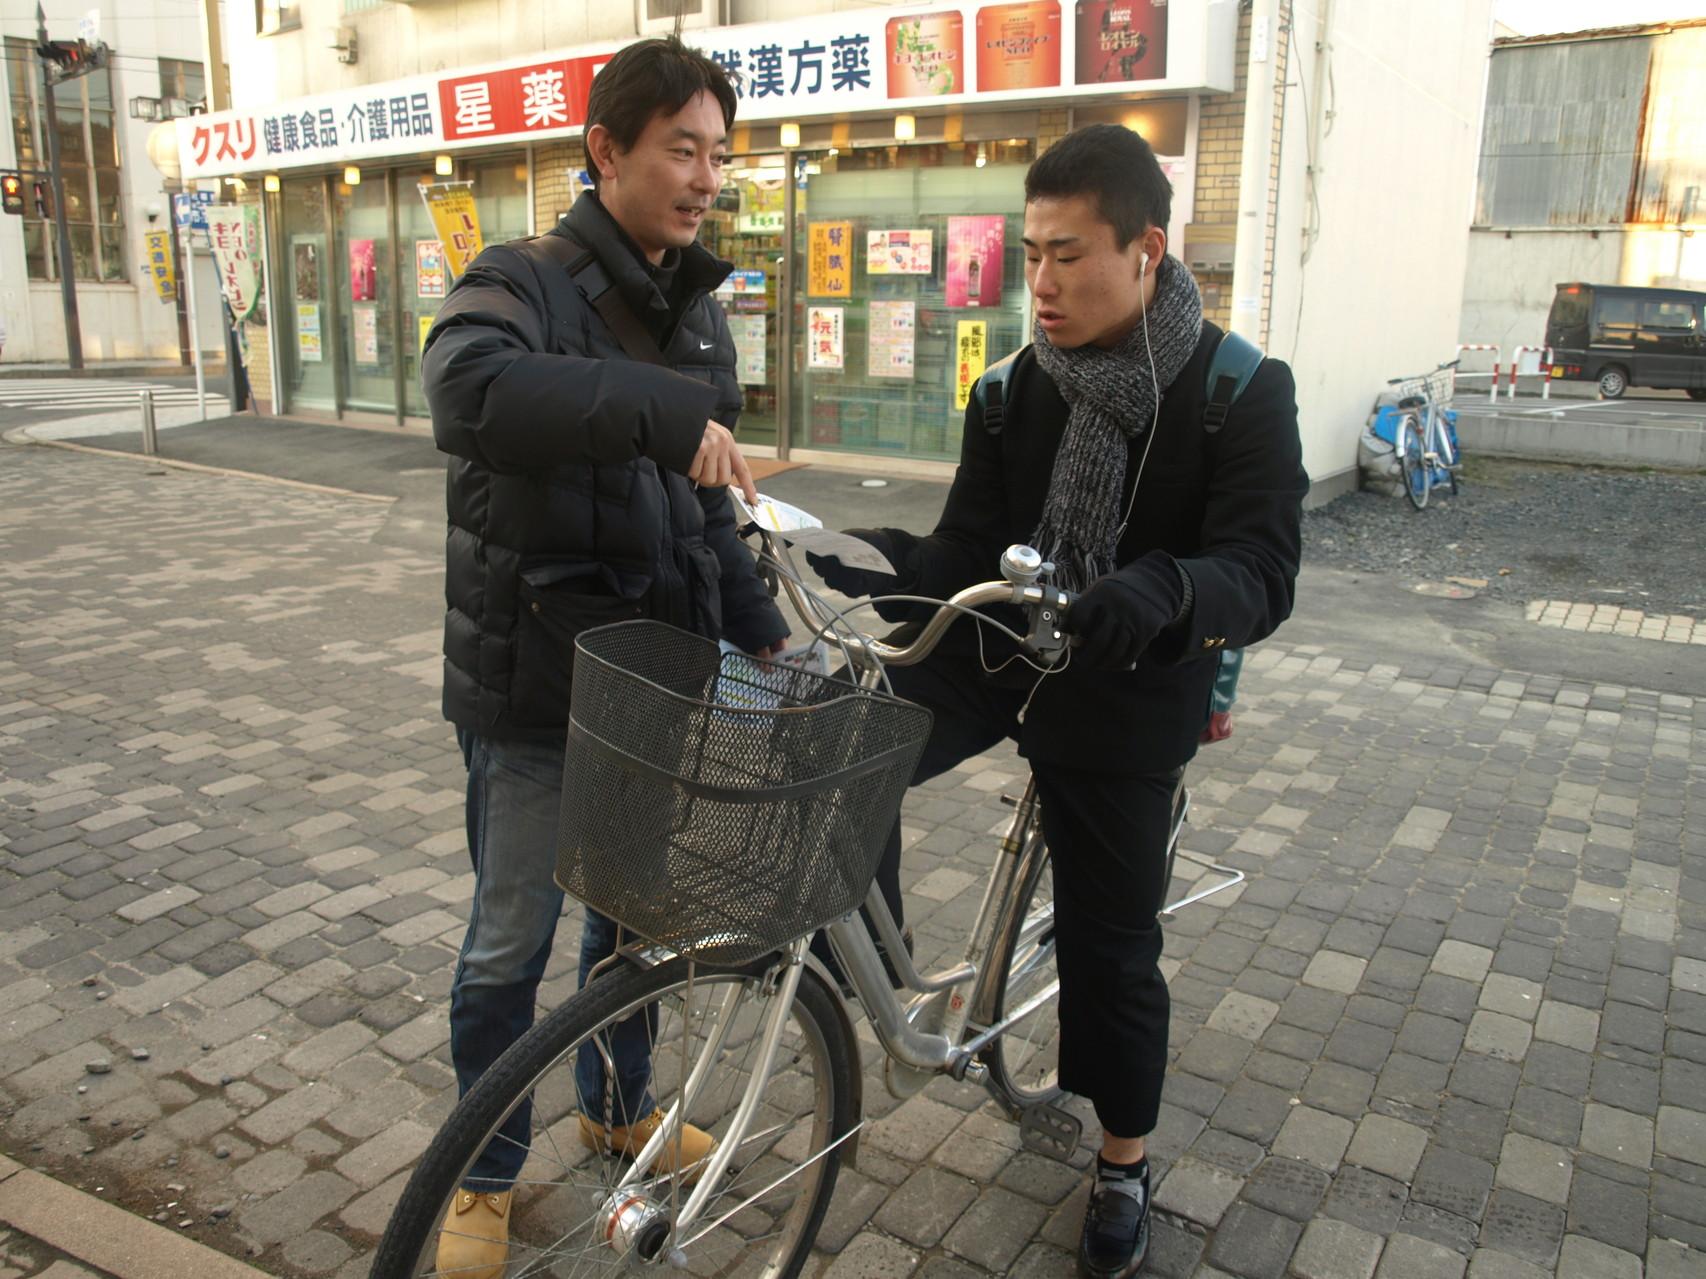 自転車で通りかかったひともわざわざ止まってくれます。ほんとあったかいですね!